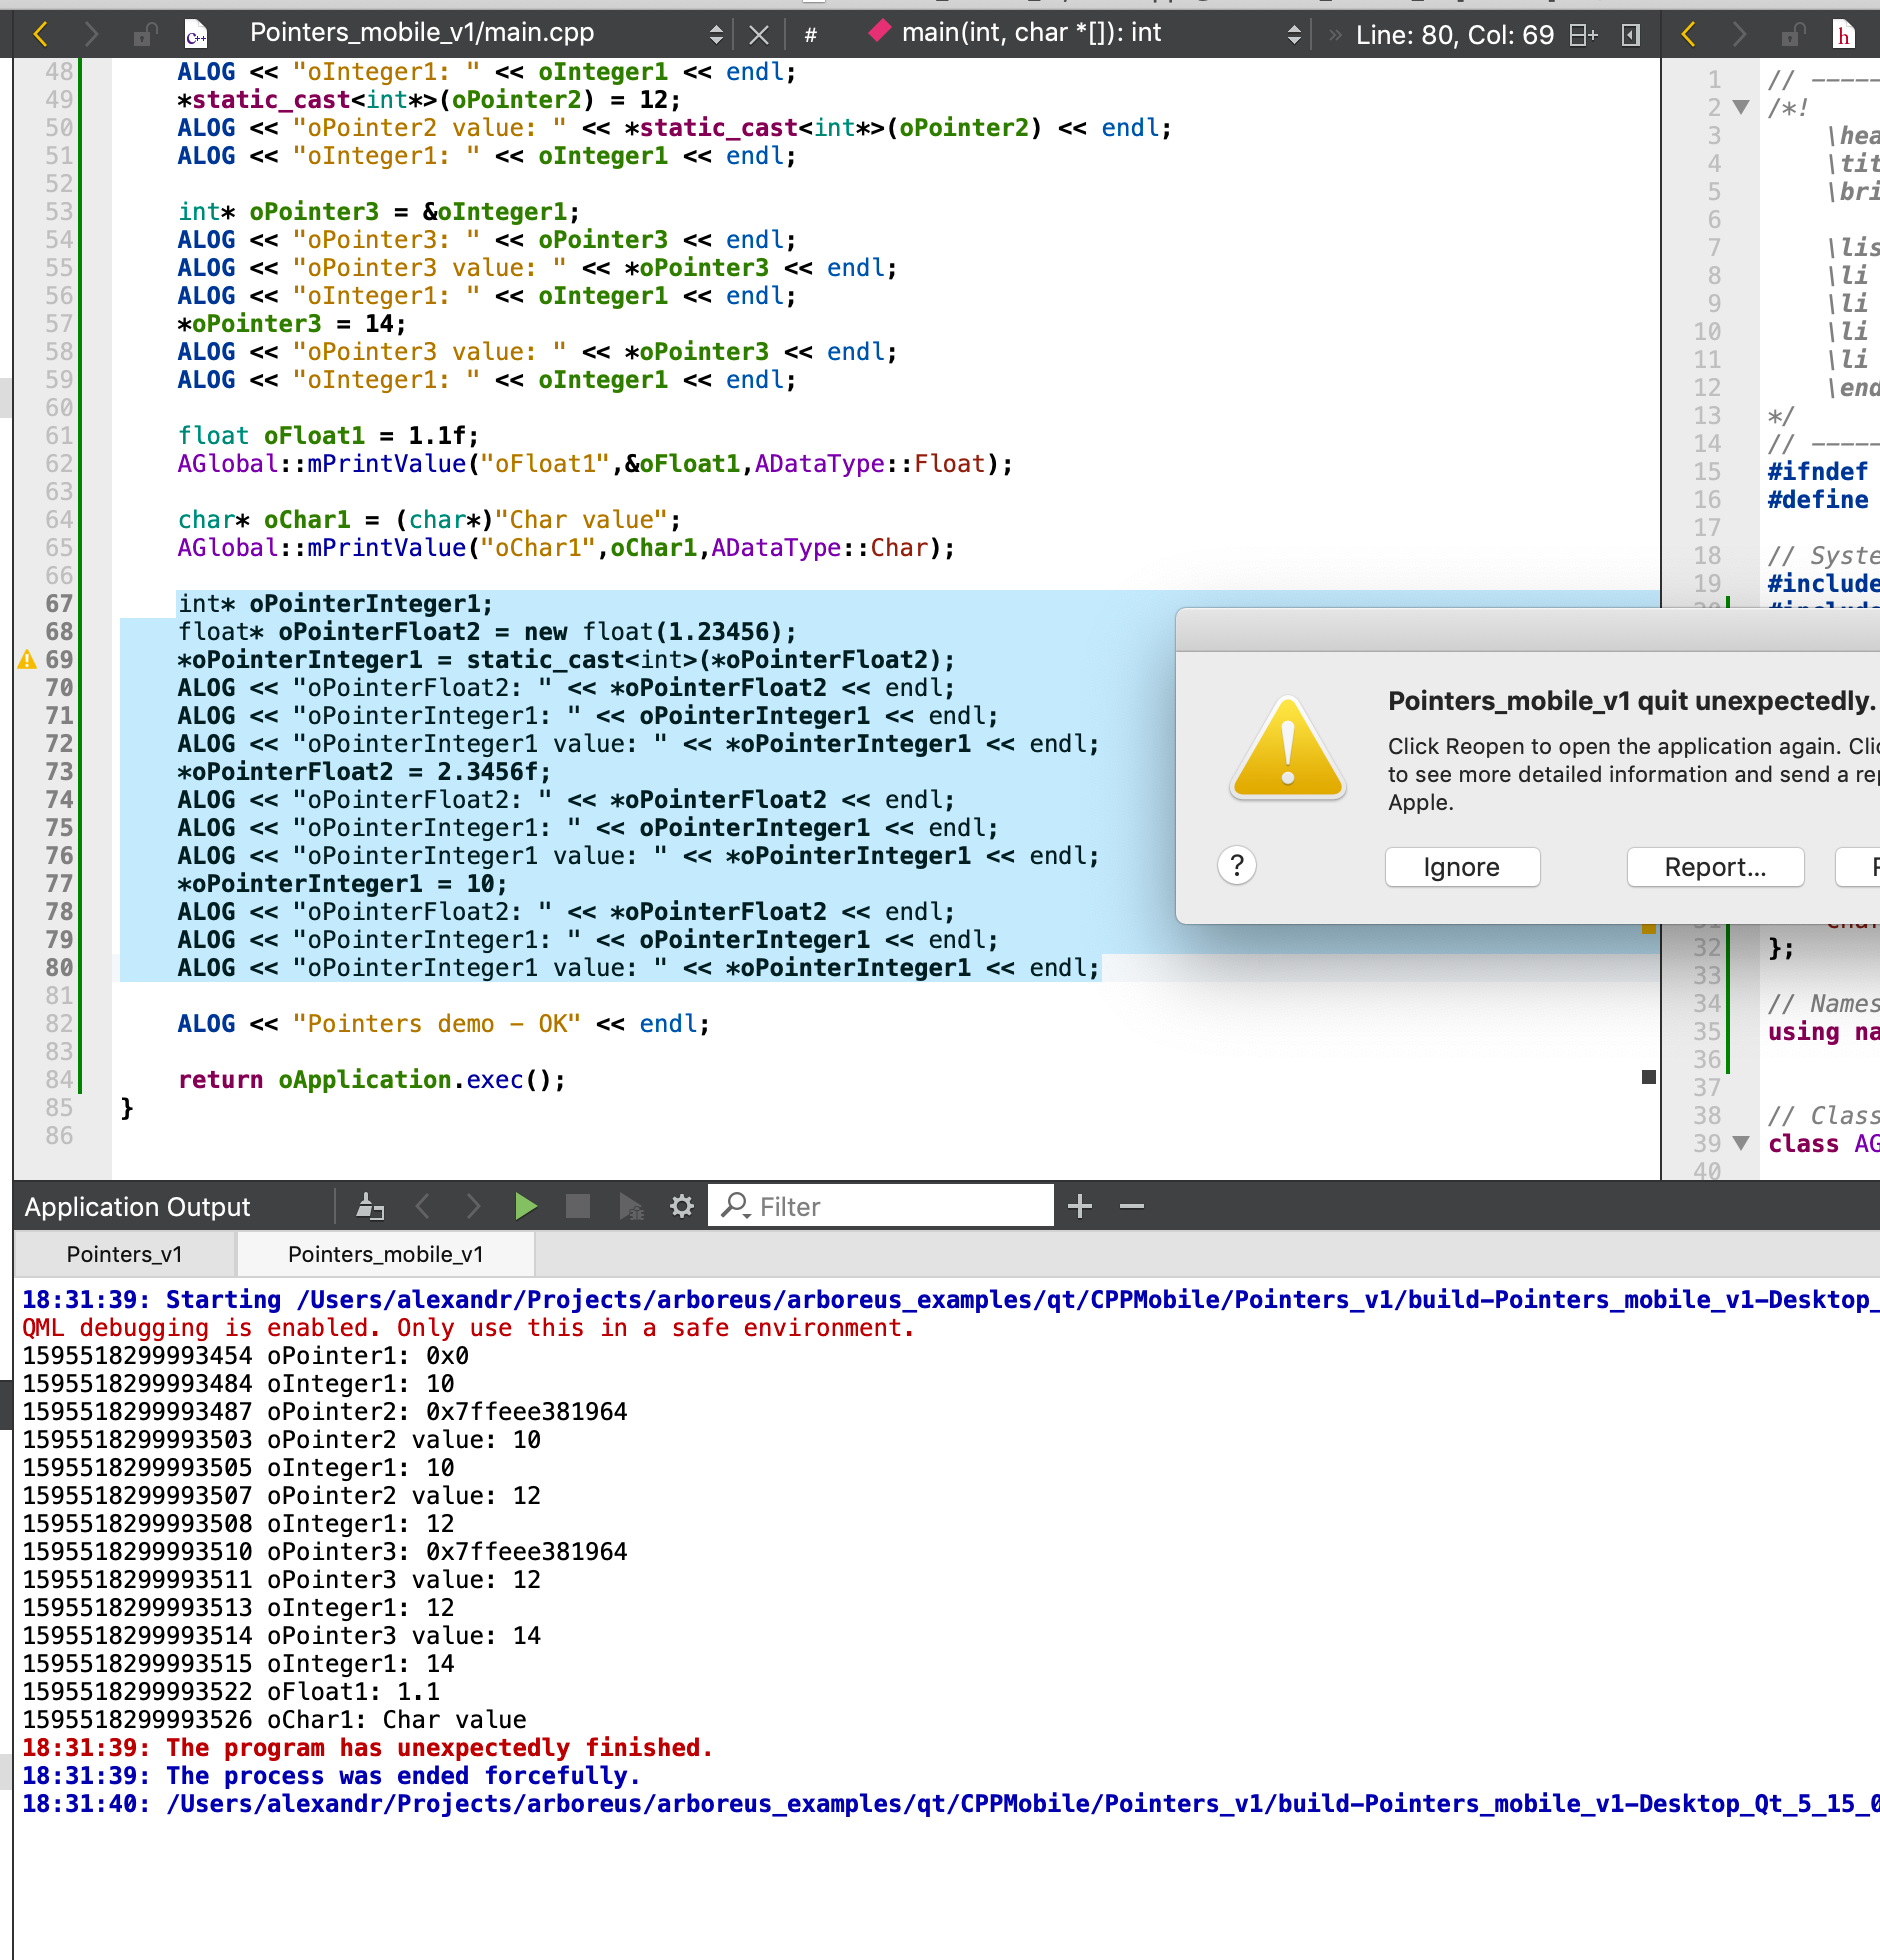 Screenshot 2020-07-23 at 18.32.08.png